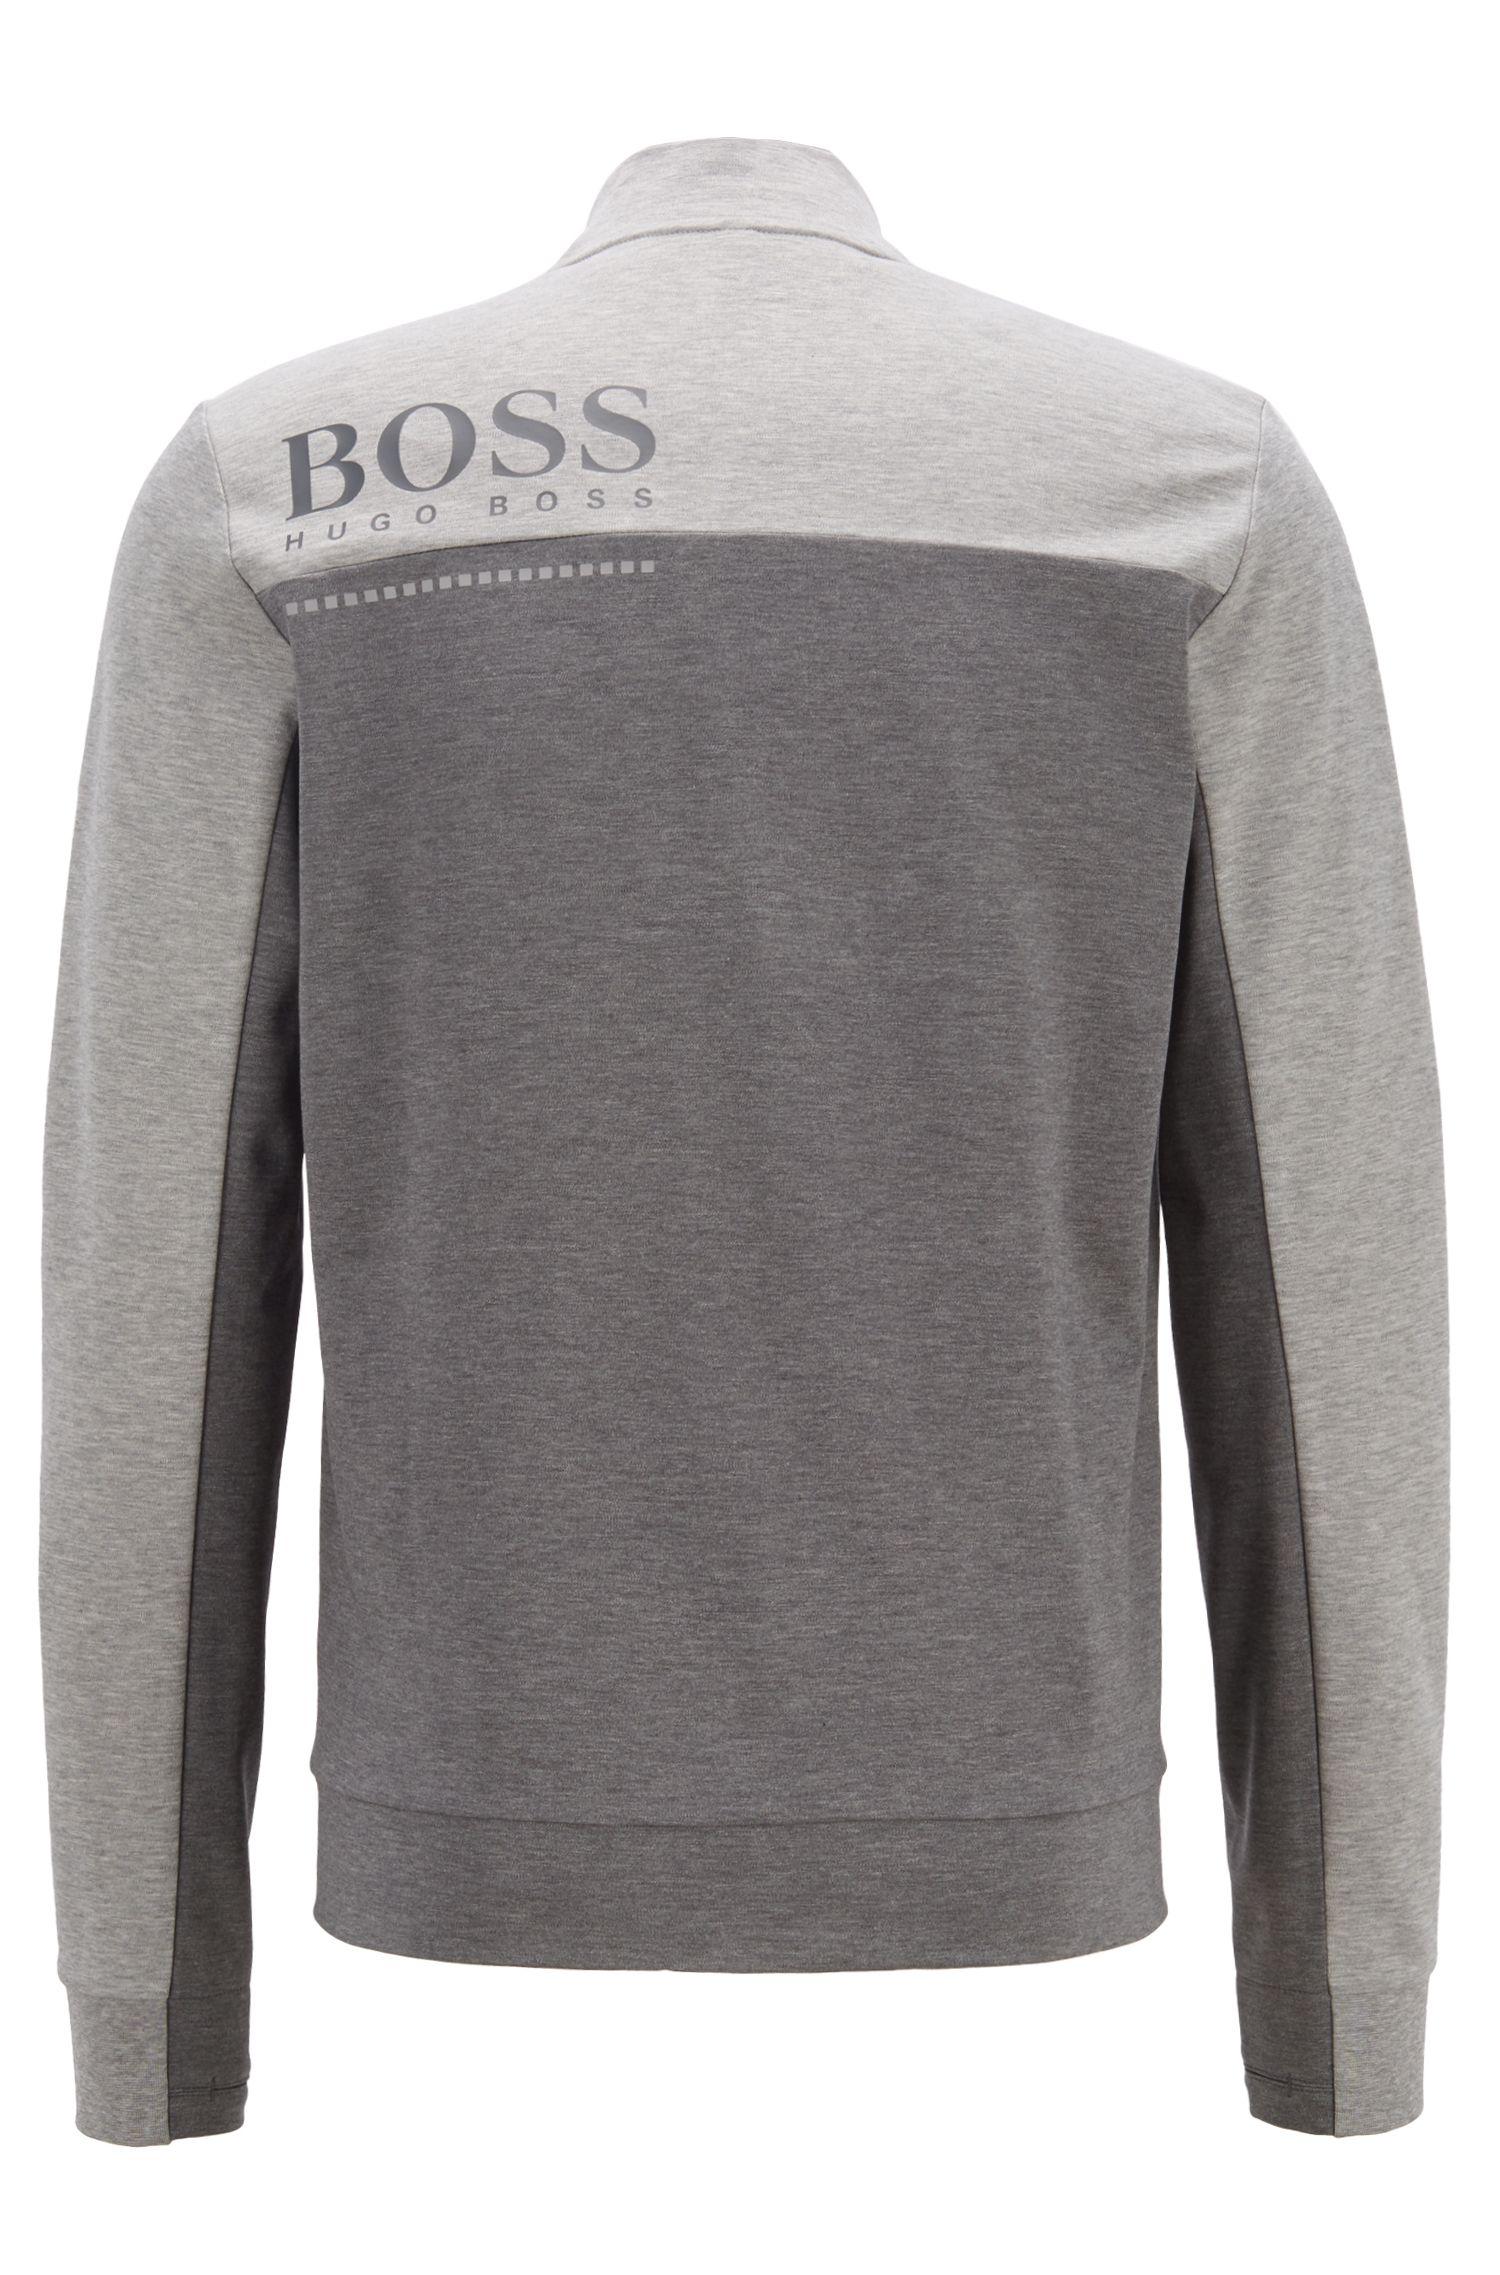 Wasserabweisende Sweatjacke aus Baumwoll-Mix, Grau